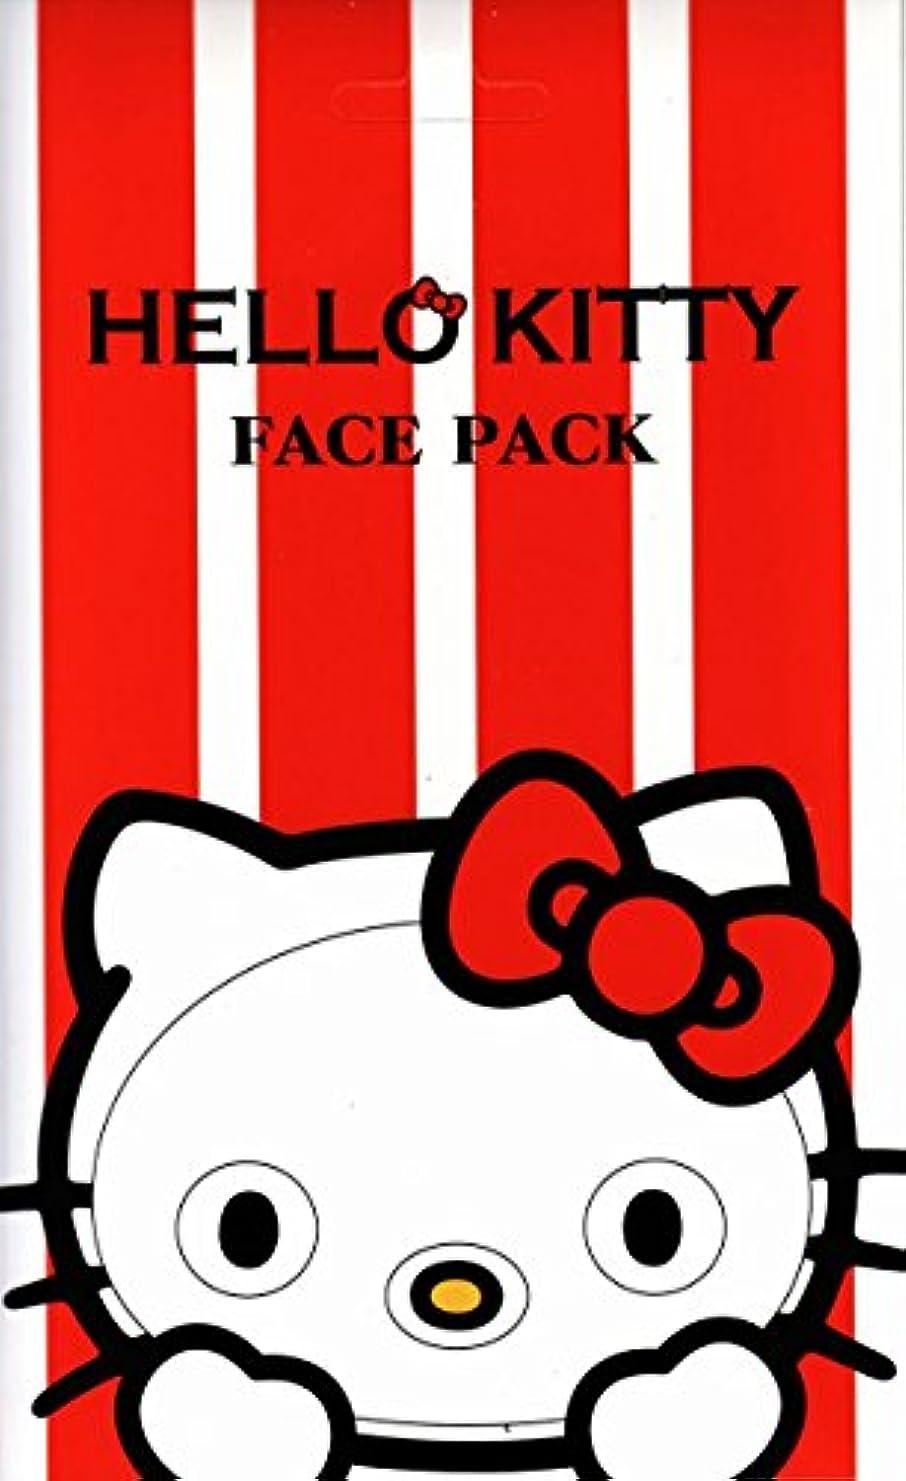 気を散らす見込みホイストハローキティ なりきりフェイスパック バラの香り キティになれるフェイスパック